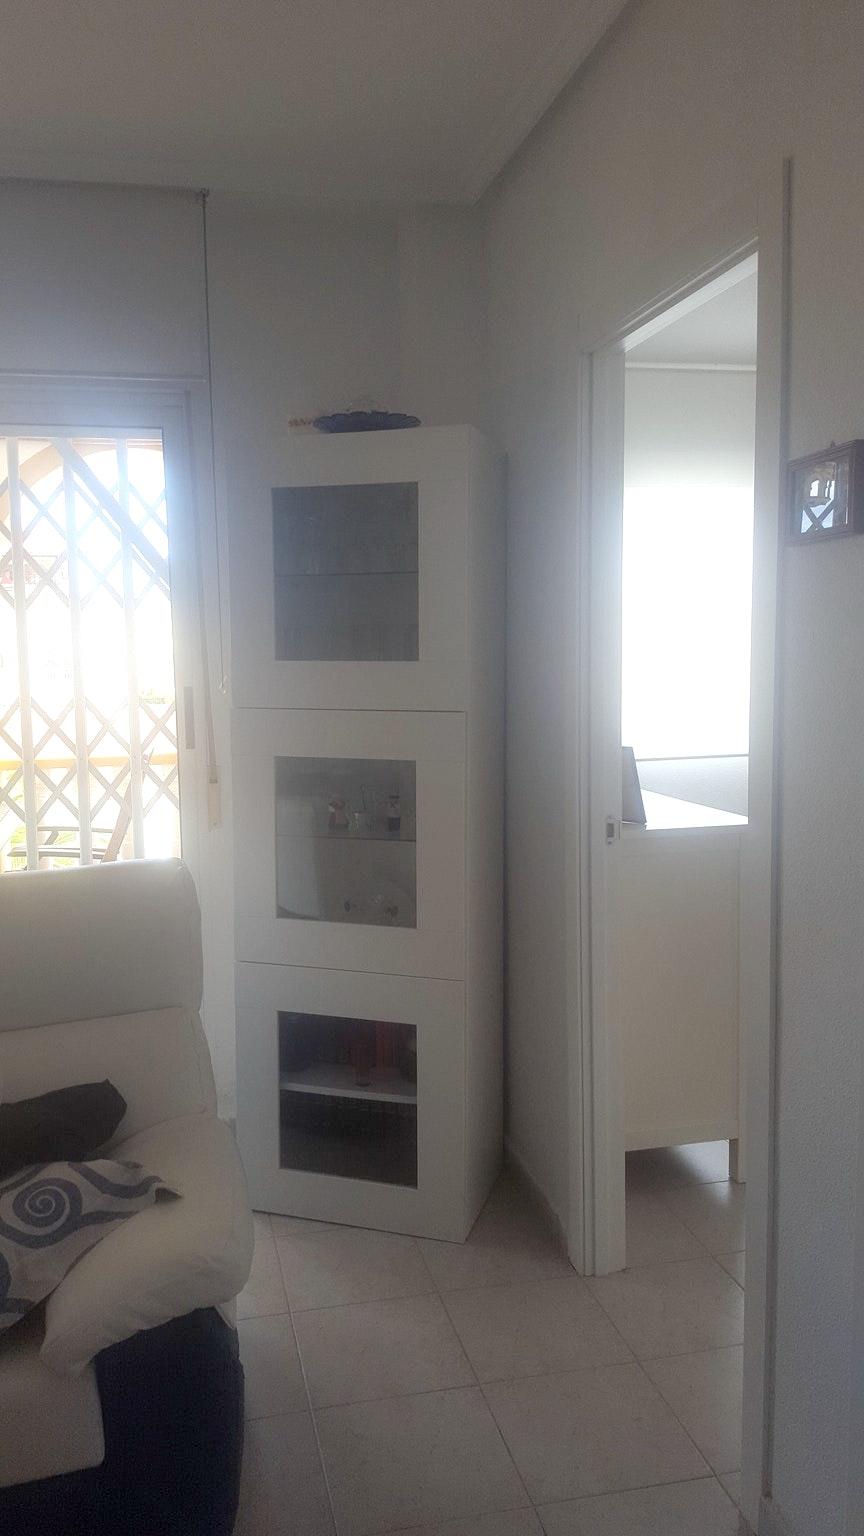 Ferienhaus Sonniges Haus mit 2 Schlafzimmern, WLAN, Swimmingpool und Solarium nahe Torrevieja - 1km z (2202043), Torrevieja, Costa Blanca, Valencia, Spanien, Bild 10